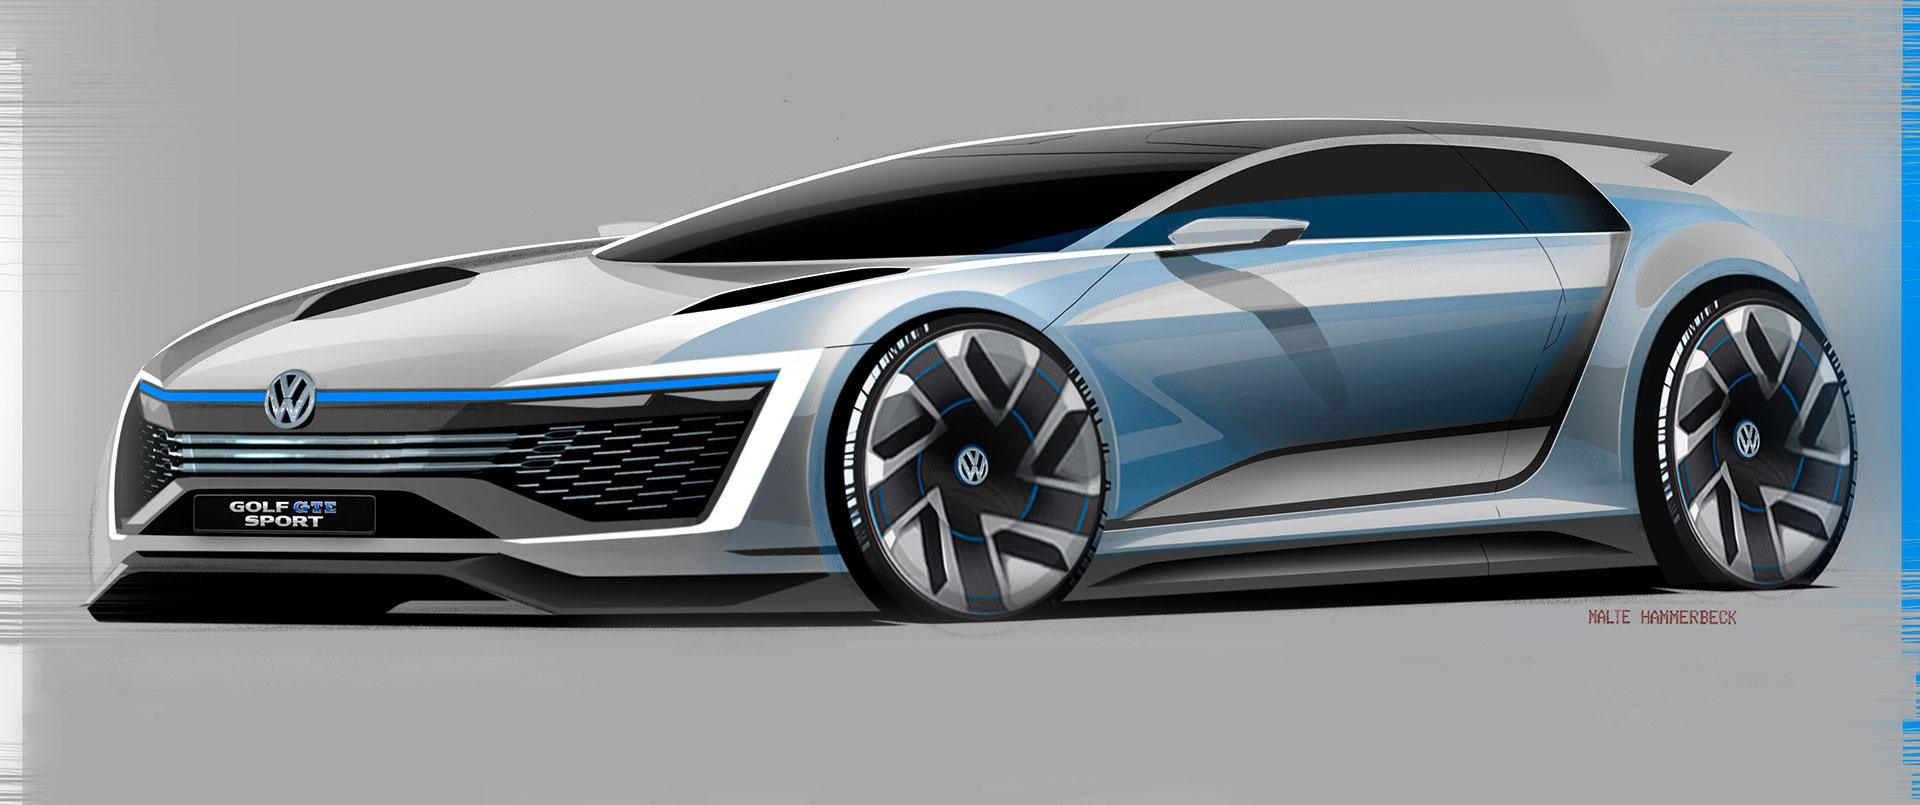 Exceptional Volkswagen Golf GTE Sport Concept Design Sketch